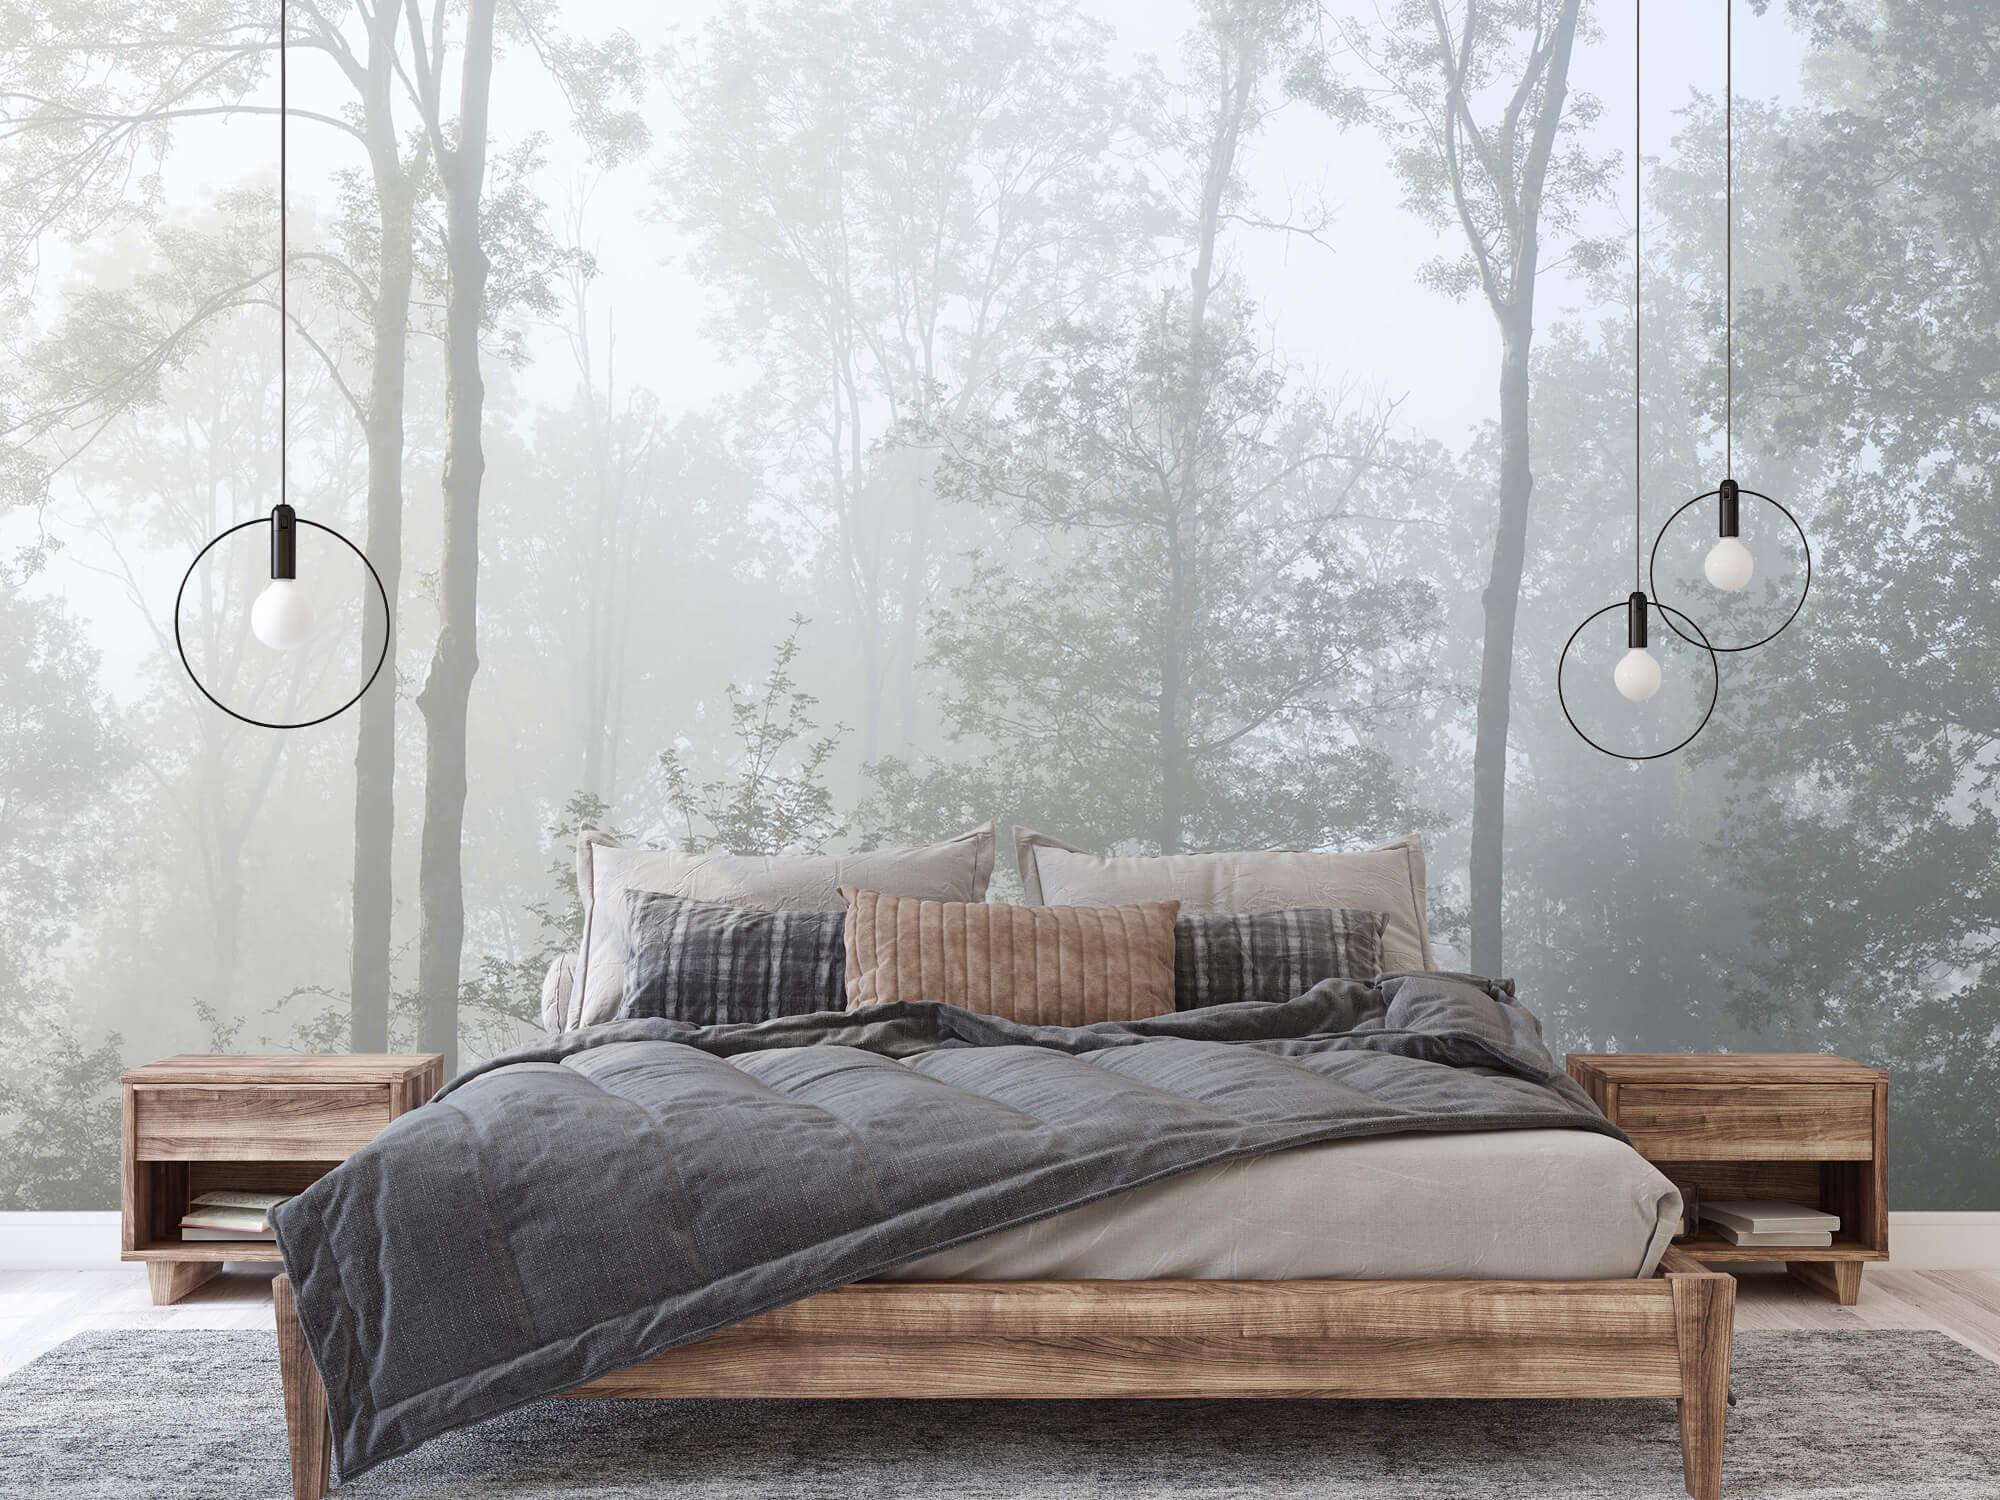 Bos behang Dichte mist in het bos 5